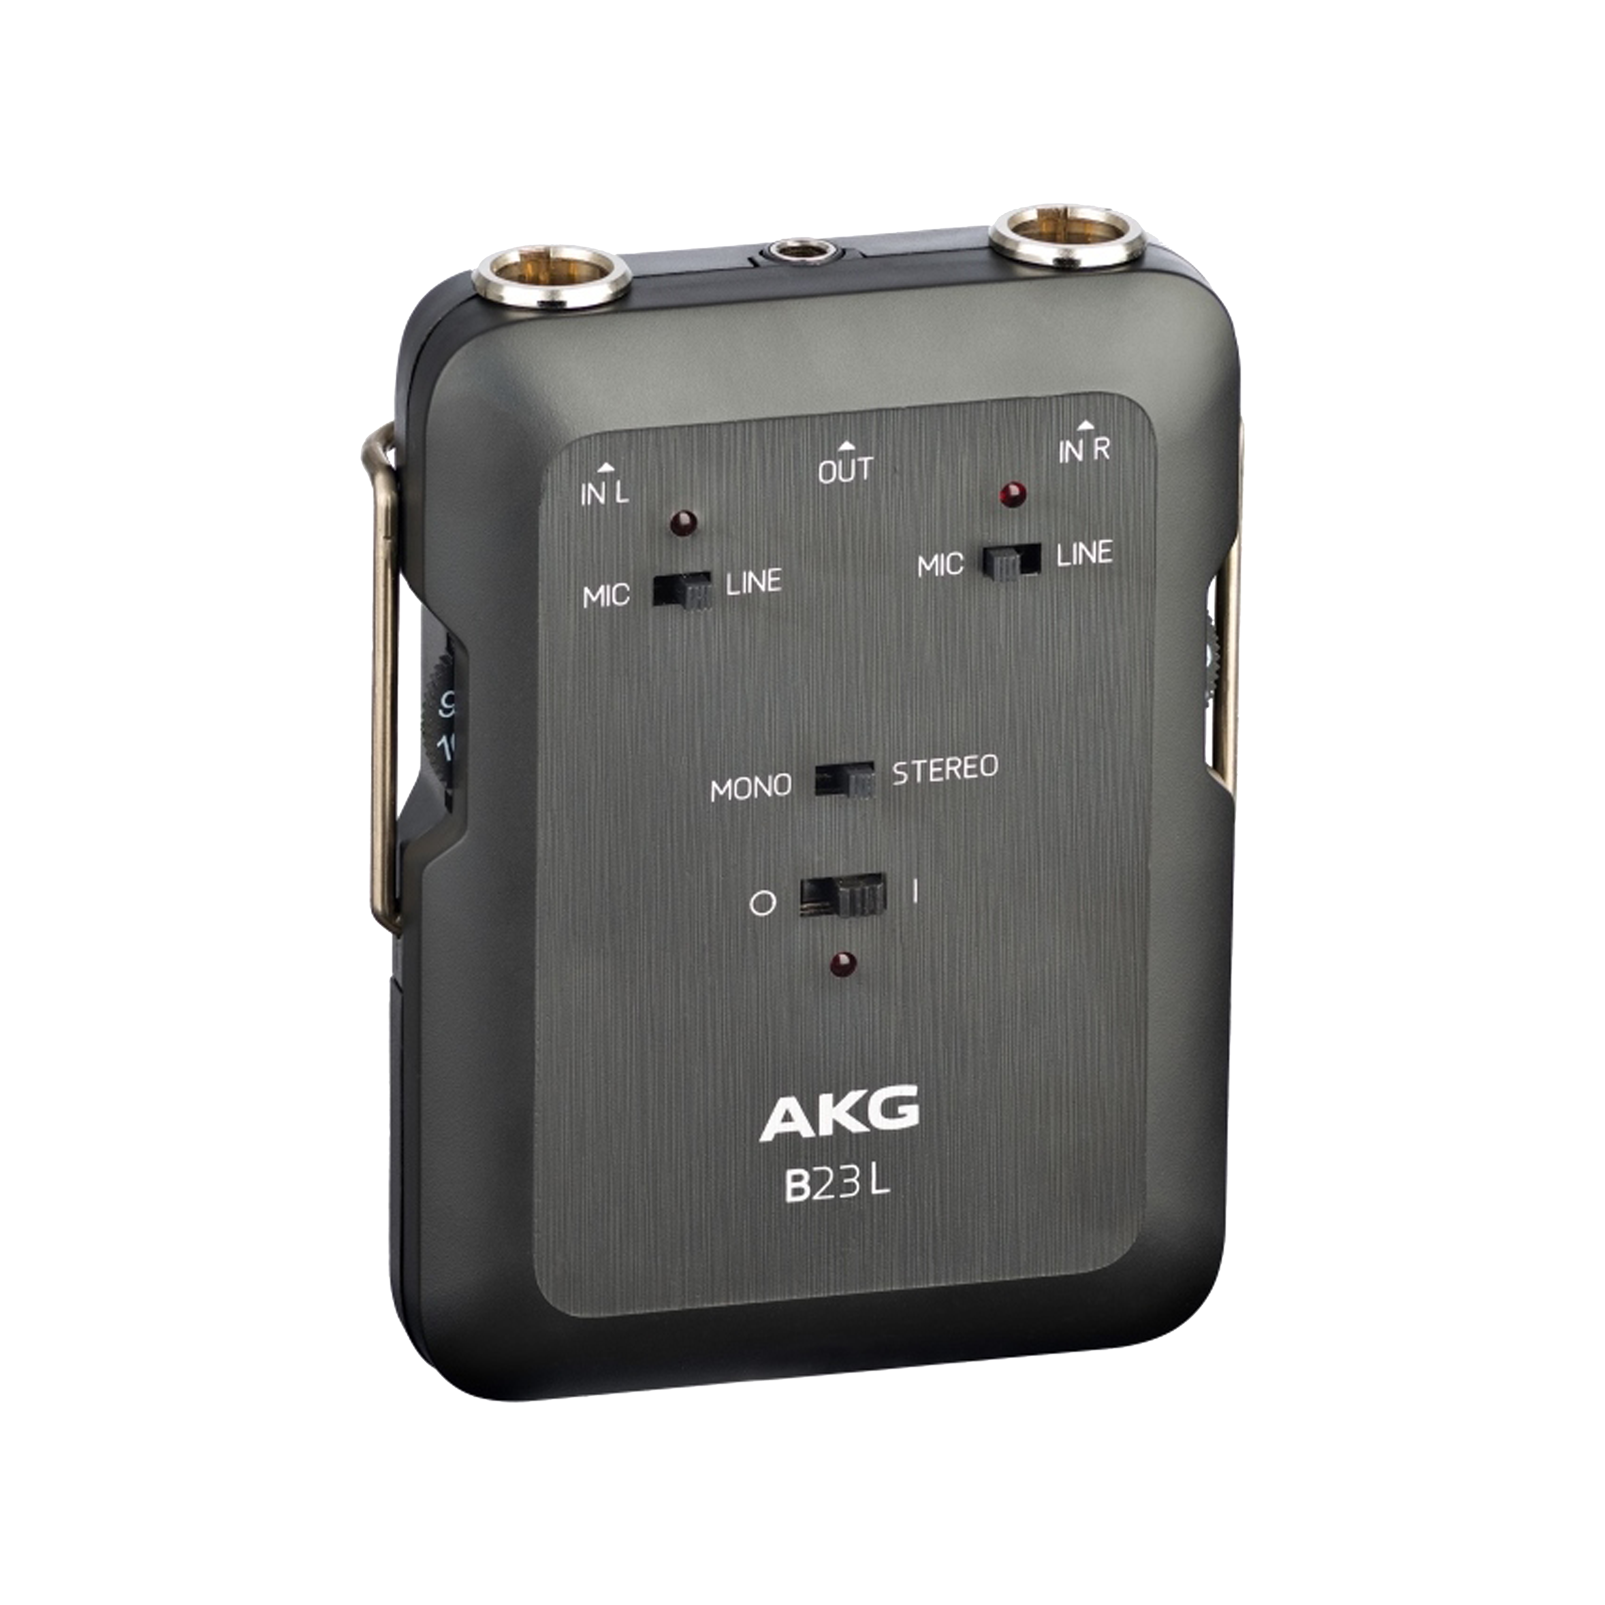 AKG - Wired Mics - B23 L